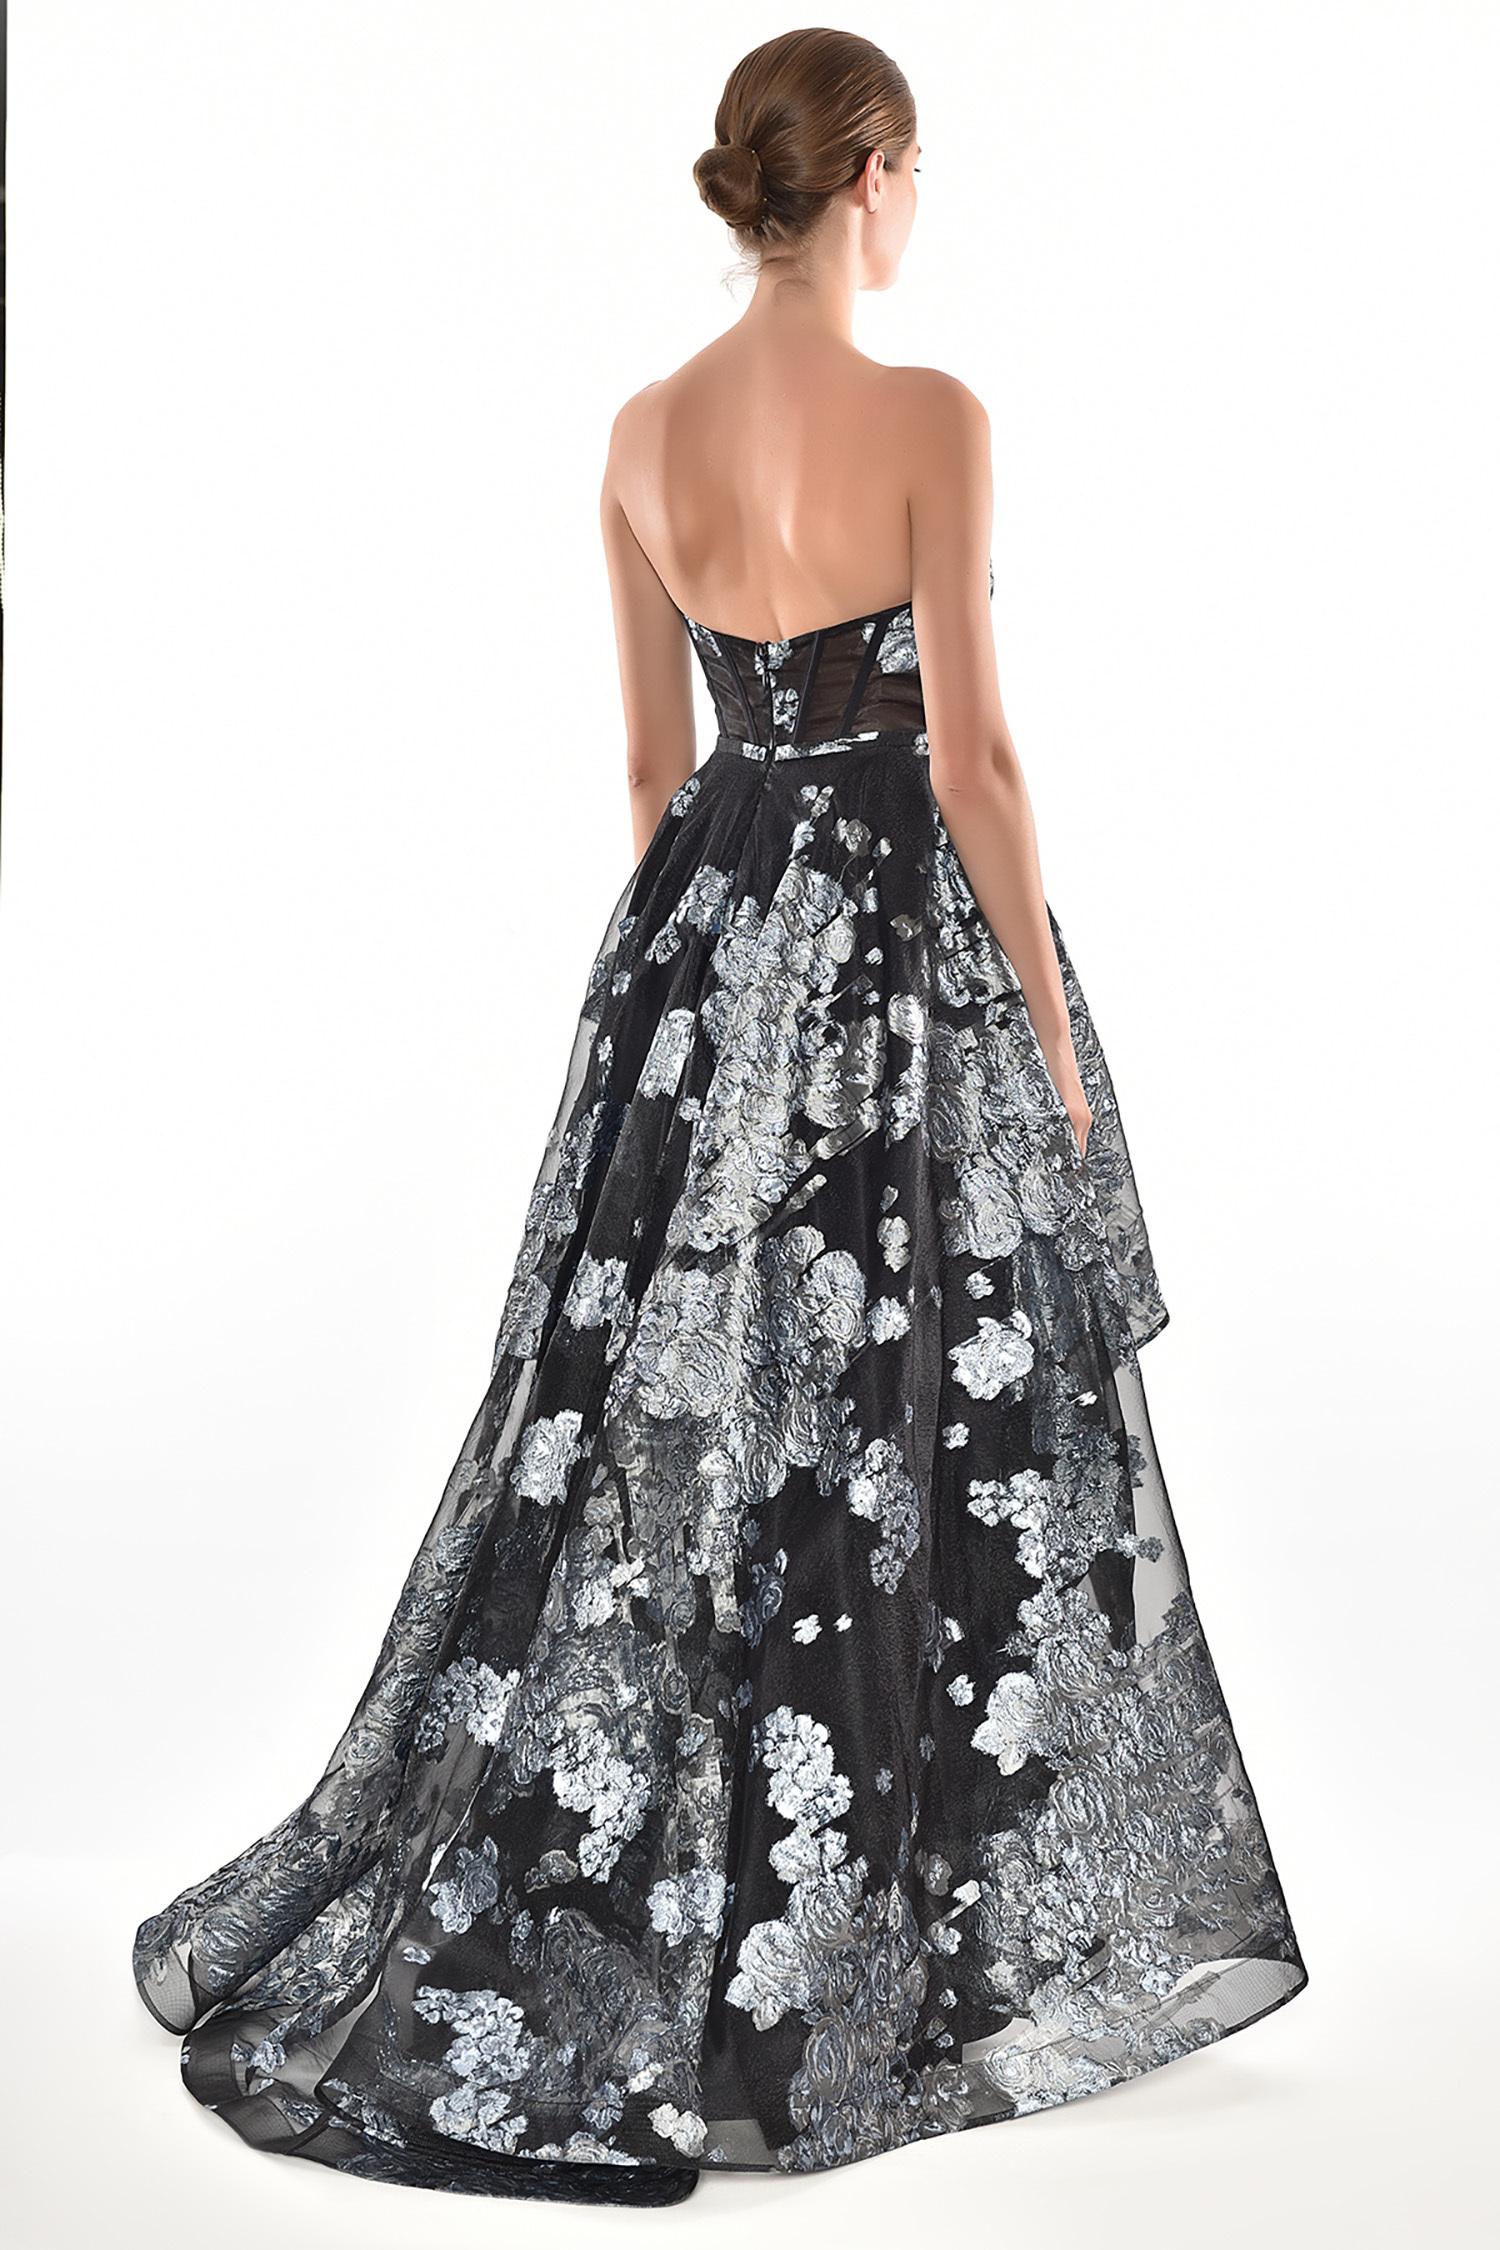 Alfa Beta - Siyah Mavi Desenli Straplez Önü Kısa Arkası Uzun Abiye Elbise (1)